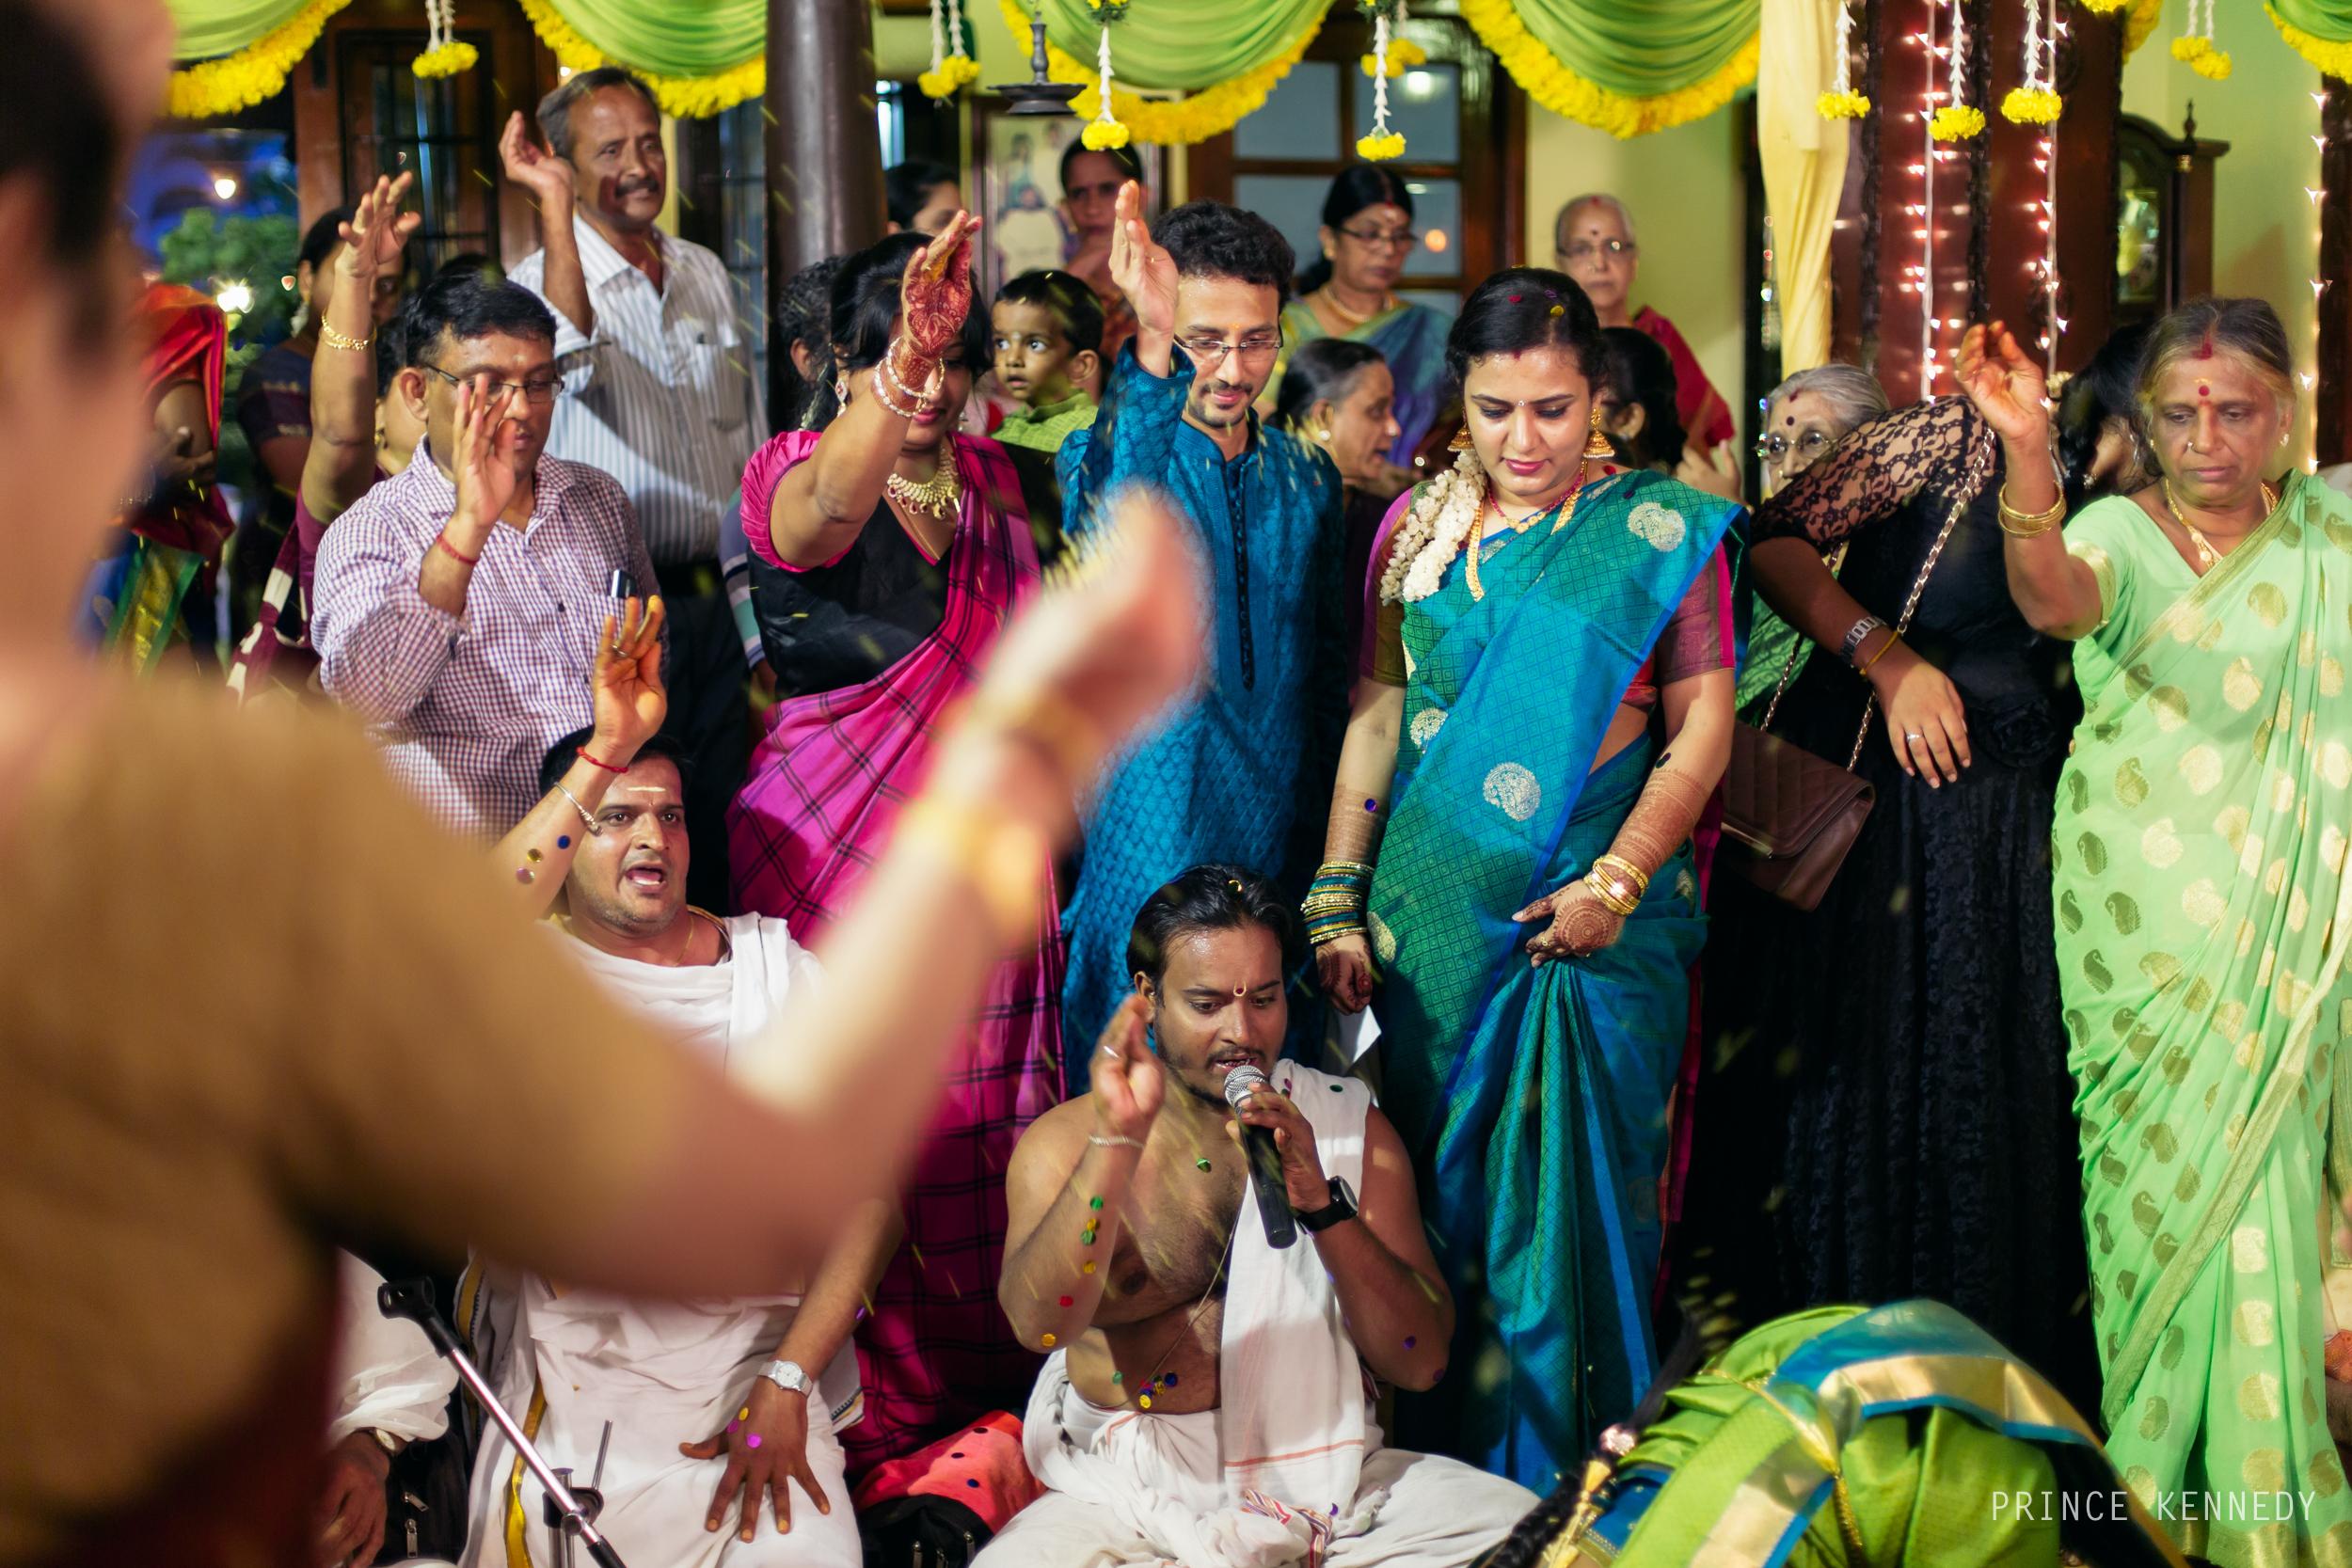 Engagement-Couple-Portrait-Portraiture-Wedding-Couple-Portrait-Chennai-Photographer-Candid-Photography-Destination-Best-Prince-Kennedy-Photography-243.jpg